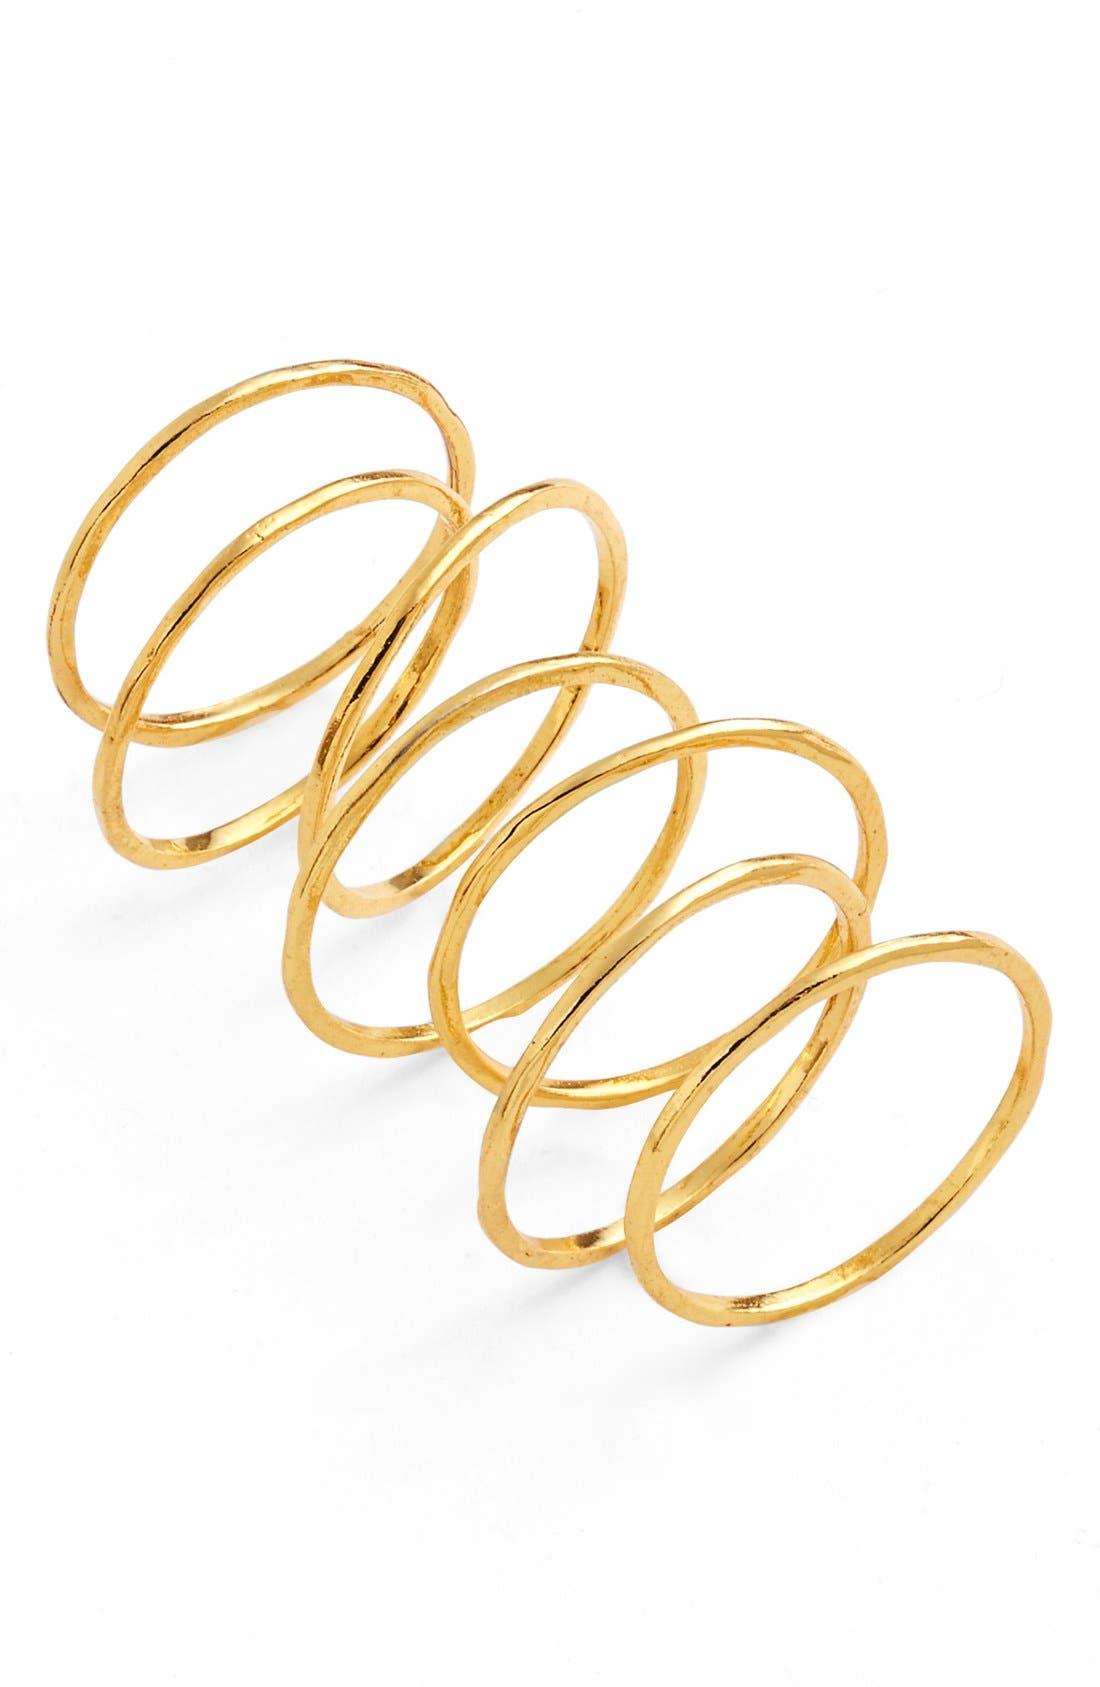 Alternate Image 3  - gorjana 'G Ring' Rings (Set of 3)